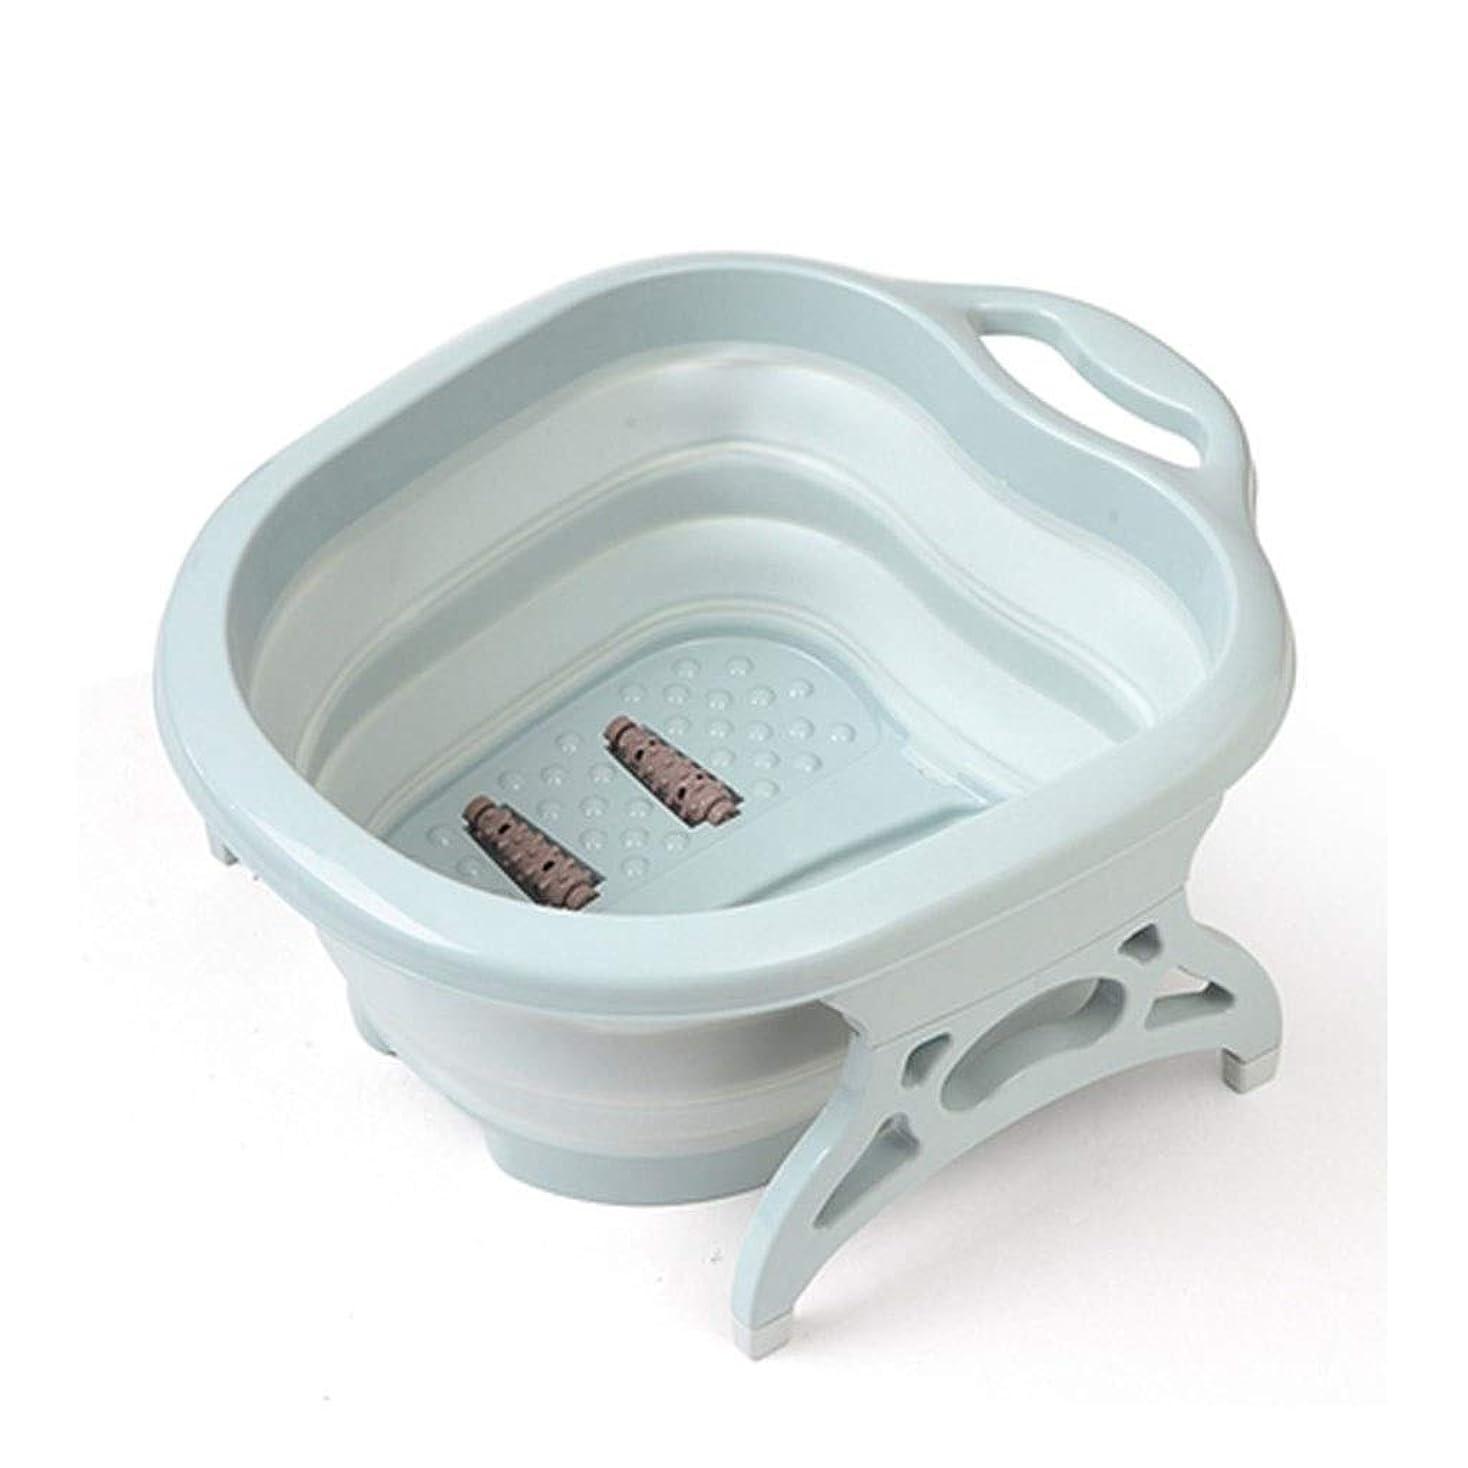 折安全イタリアの折り畳み式の足湯プラスチック肥厚足マッサージバケツポータブル大人スパマッサージ XM1209-7-29-17 (Color : GREEN)